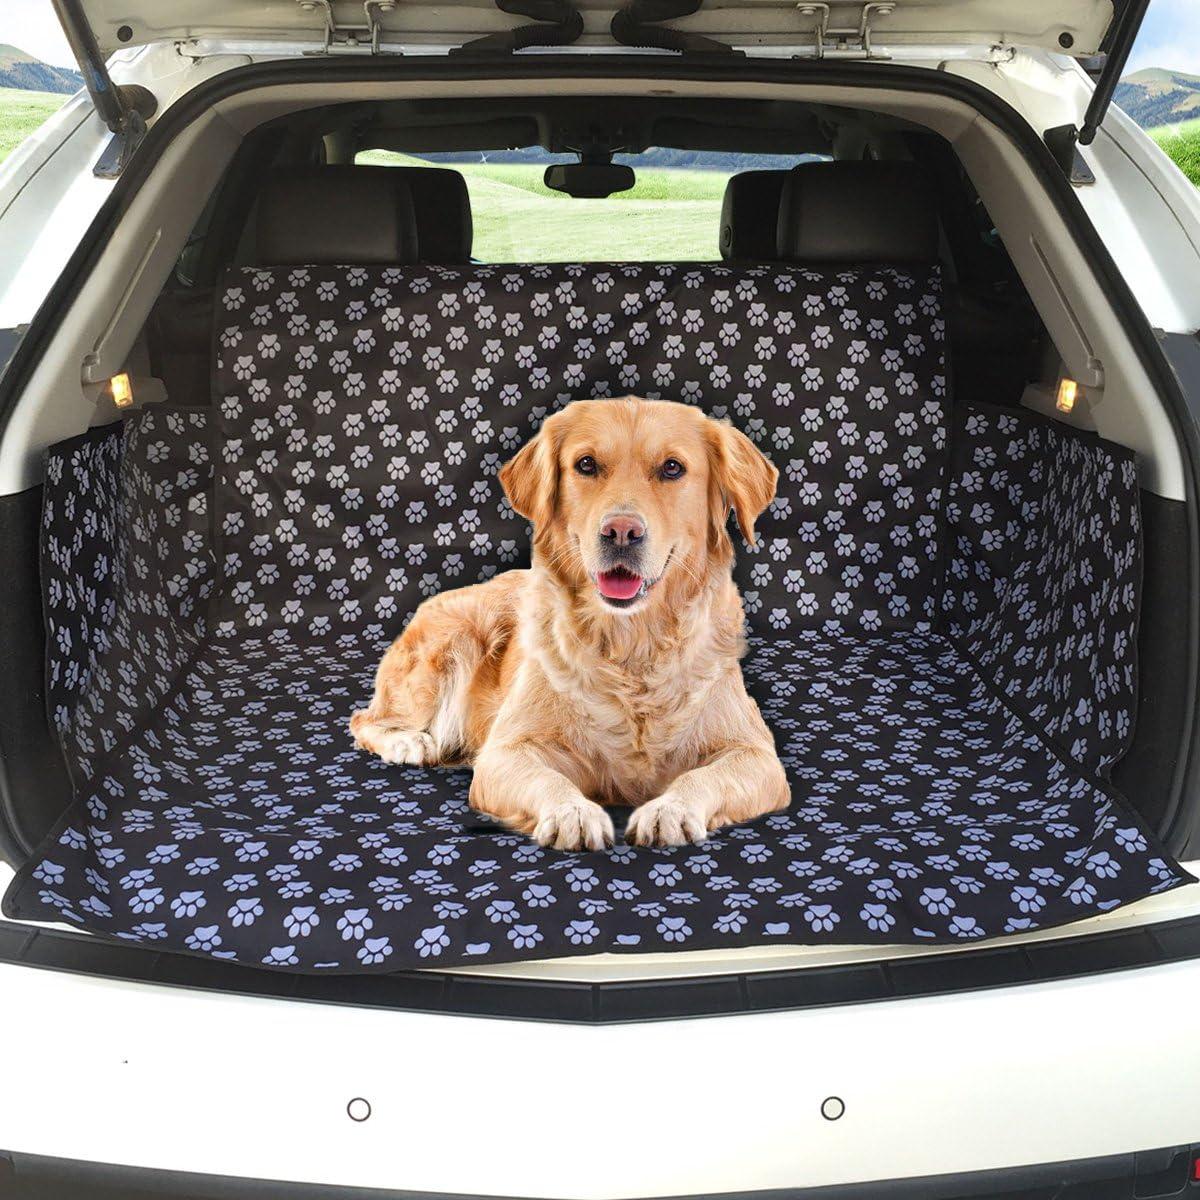 Kofferraumschutz Hunde Matcc Auto Hundedecke Wasserdicht Hunde Schutzdecke Auto Hundedecke Kofferraum Schutzdecke Auto Hund Kofferraumdecke Mit Seitenschutz Auto Kofferraumschutzdecke 104 155 33cm Auto